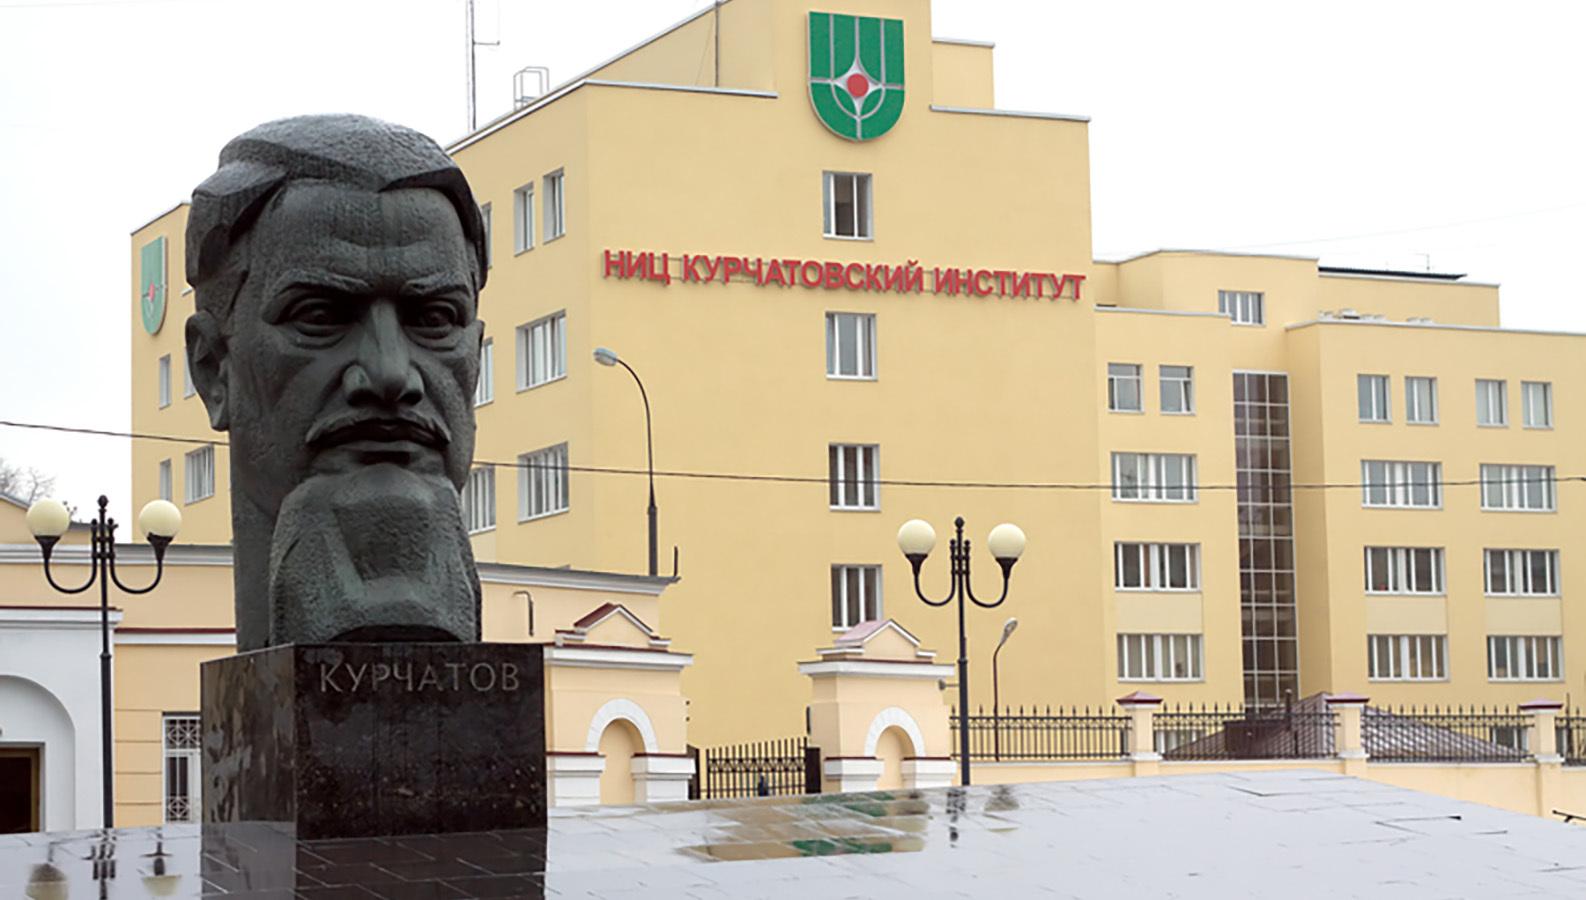 В Курчатовском институте готовят прорыв в лечении рака